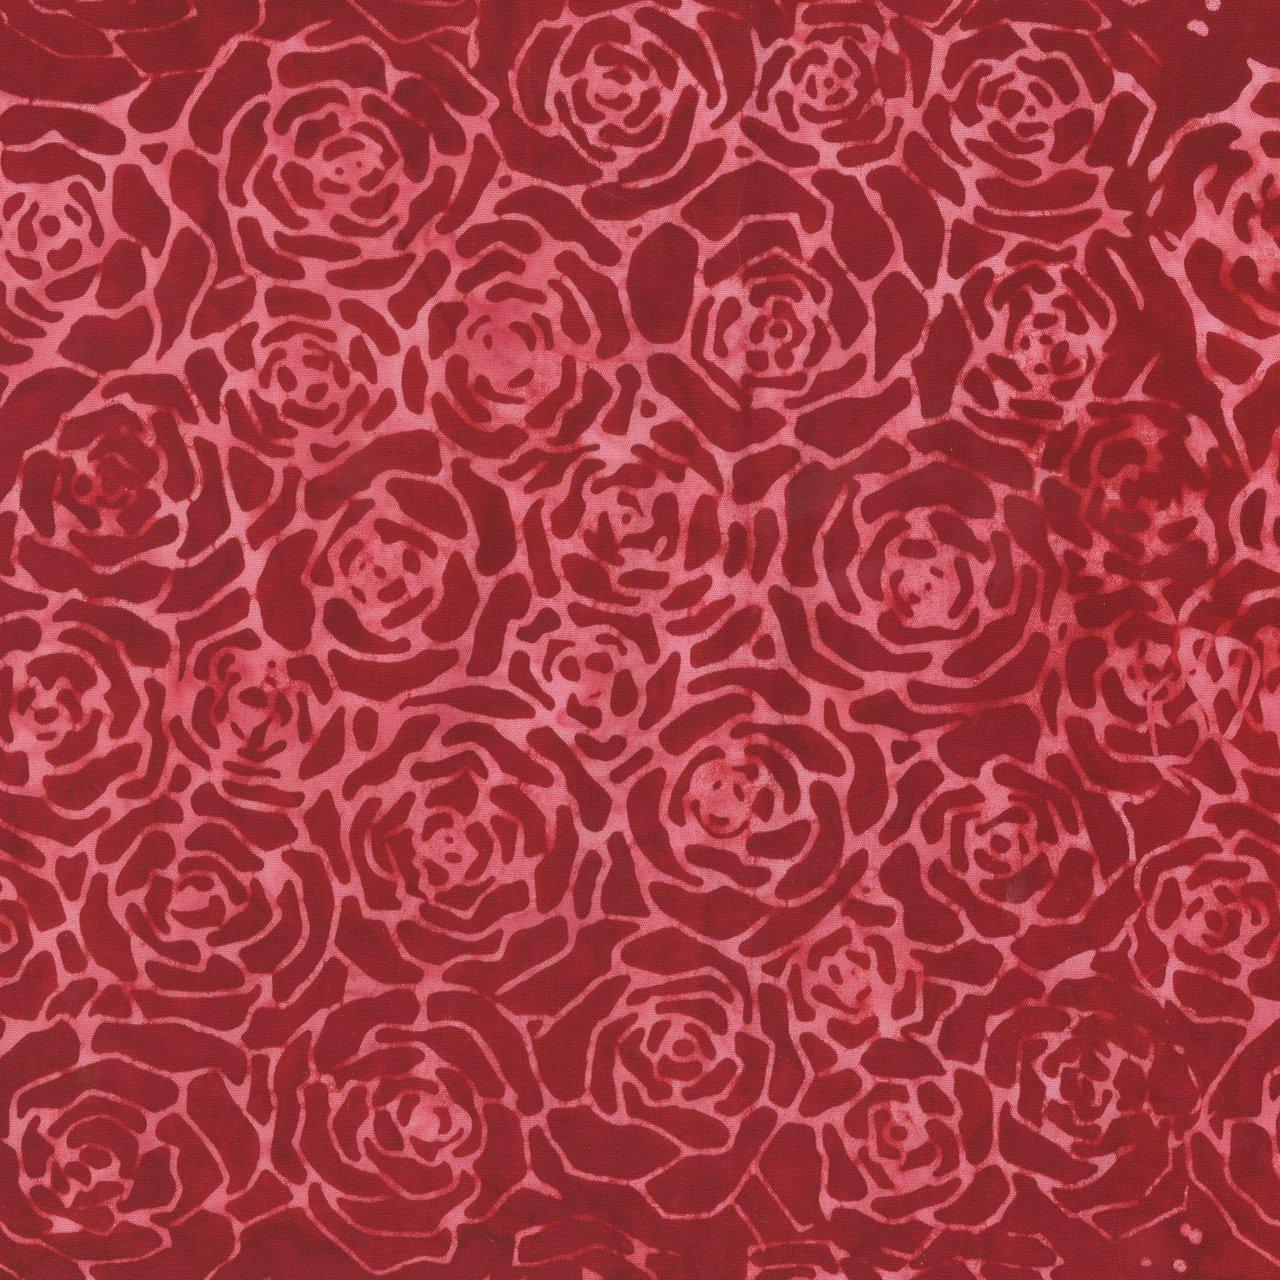 Quiltessentials Roses Cherry